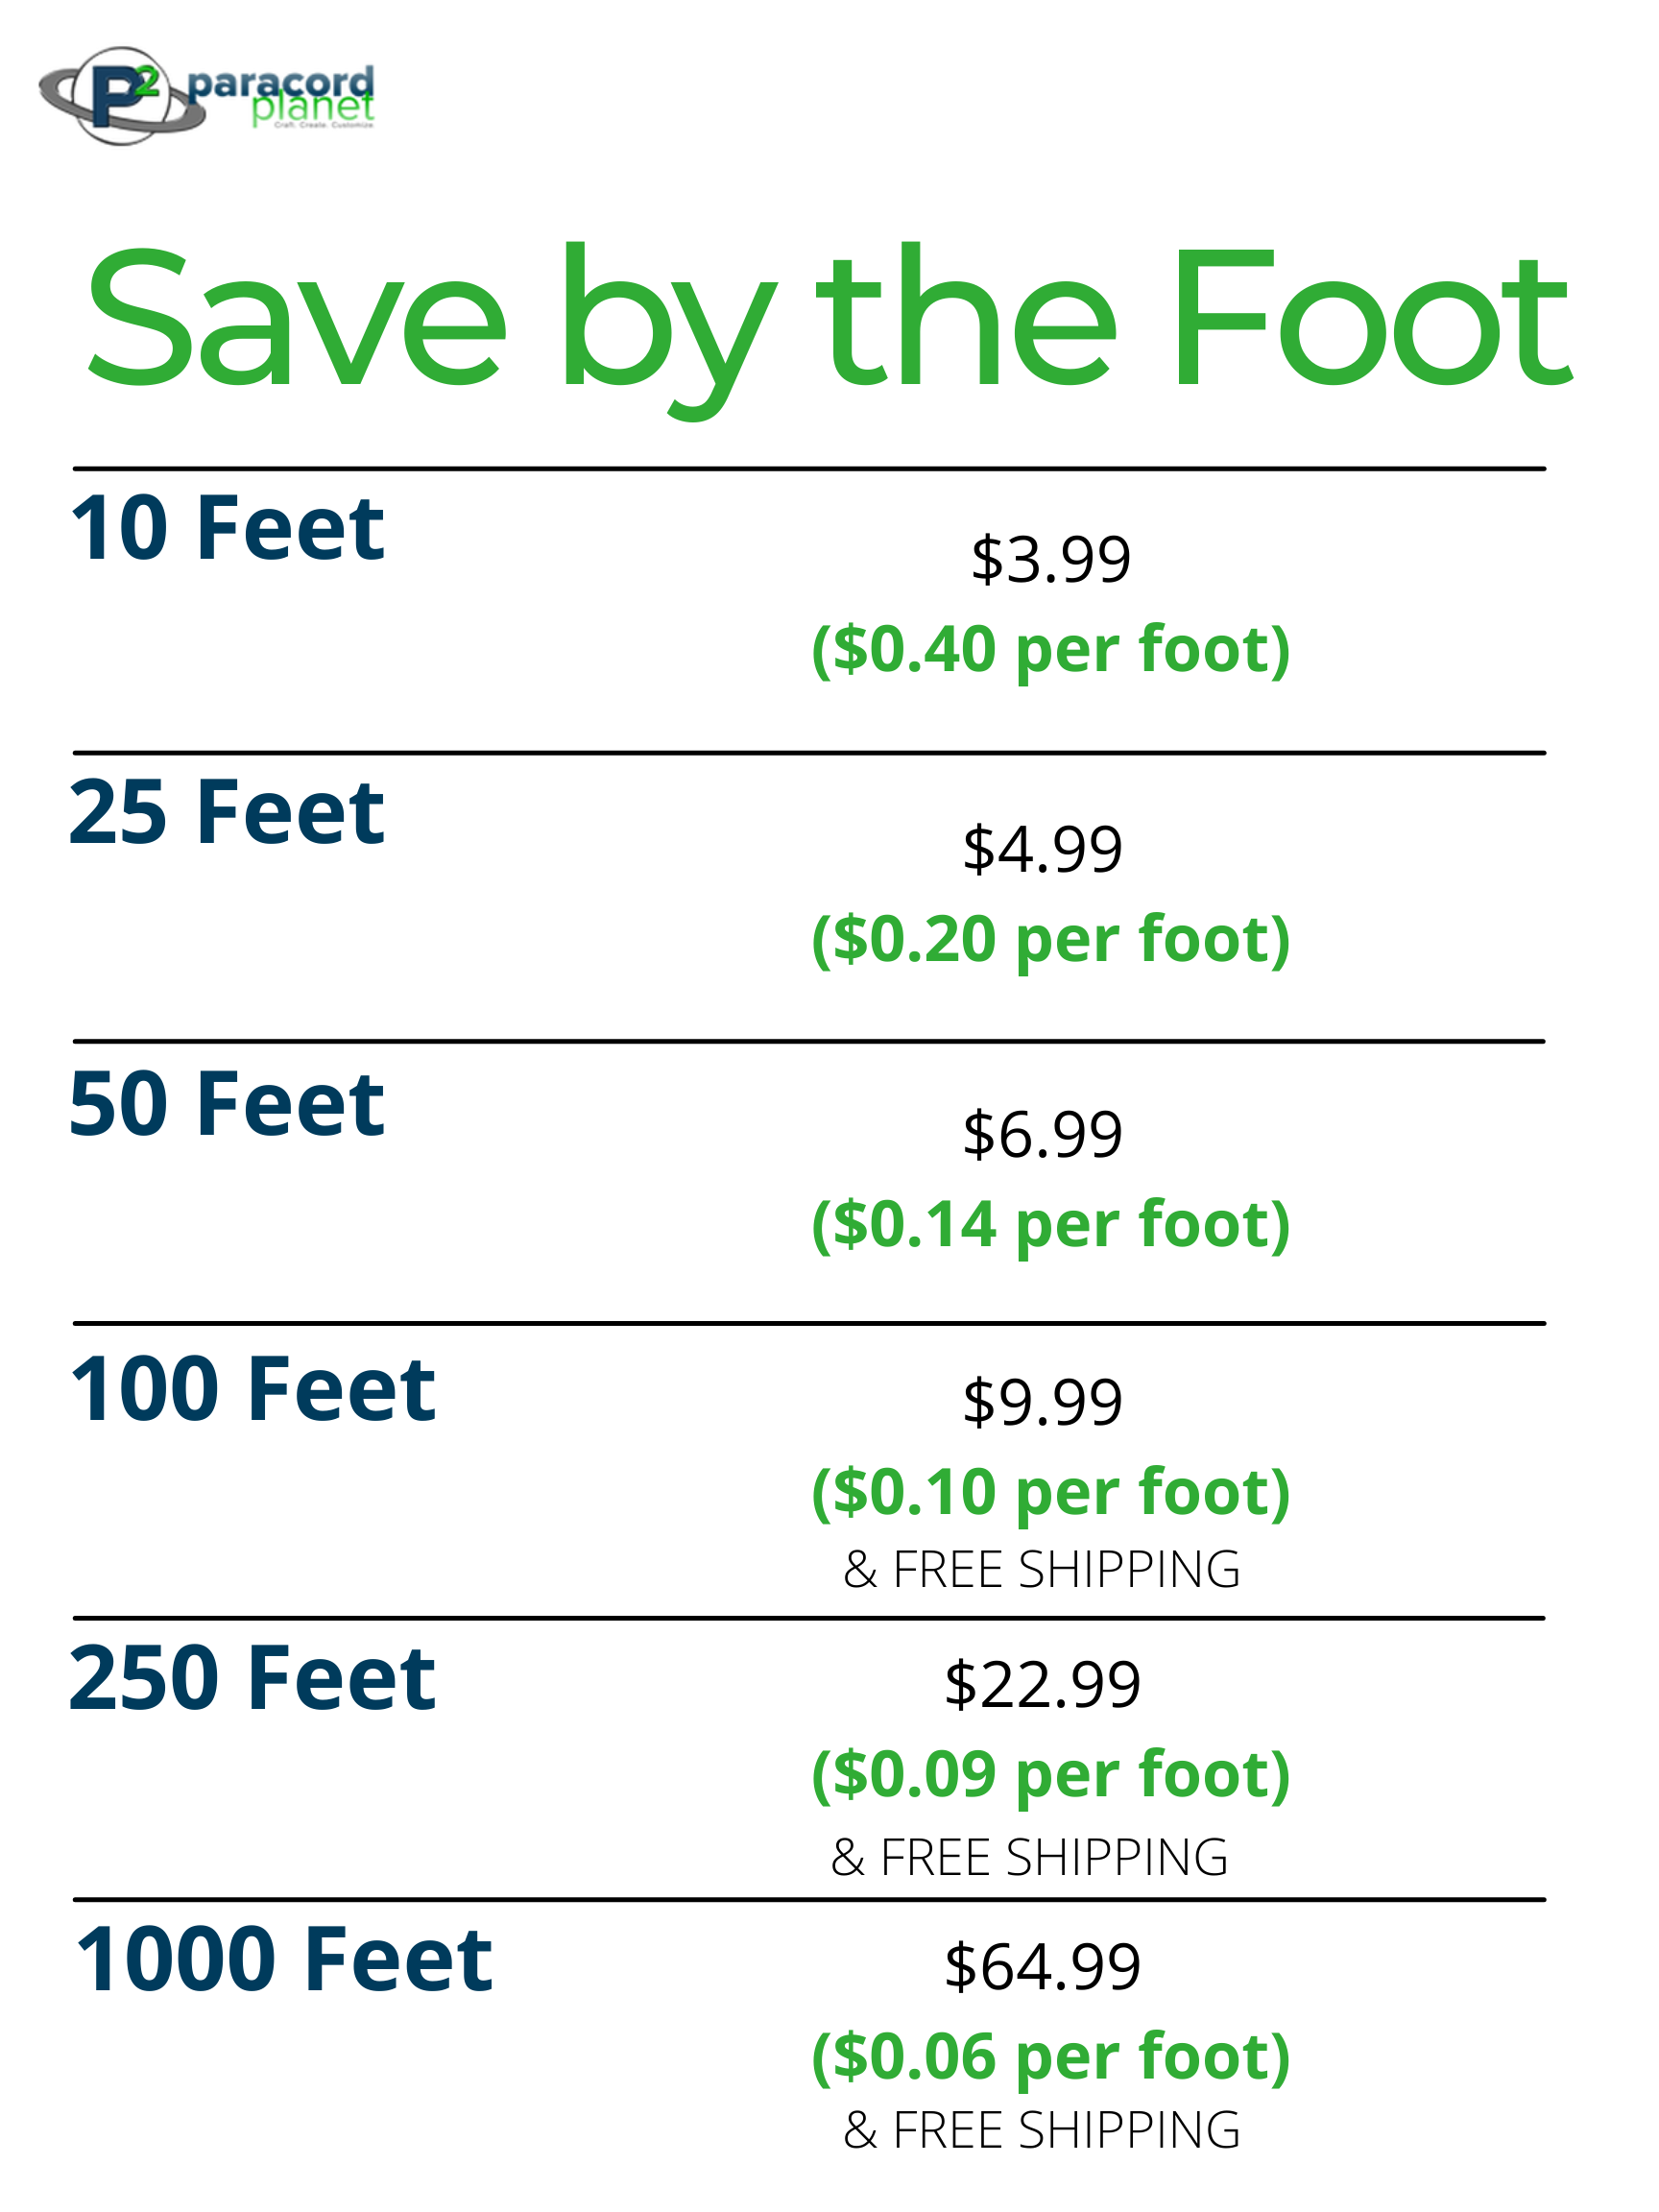 Paracord Planet Cost Per Foot